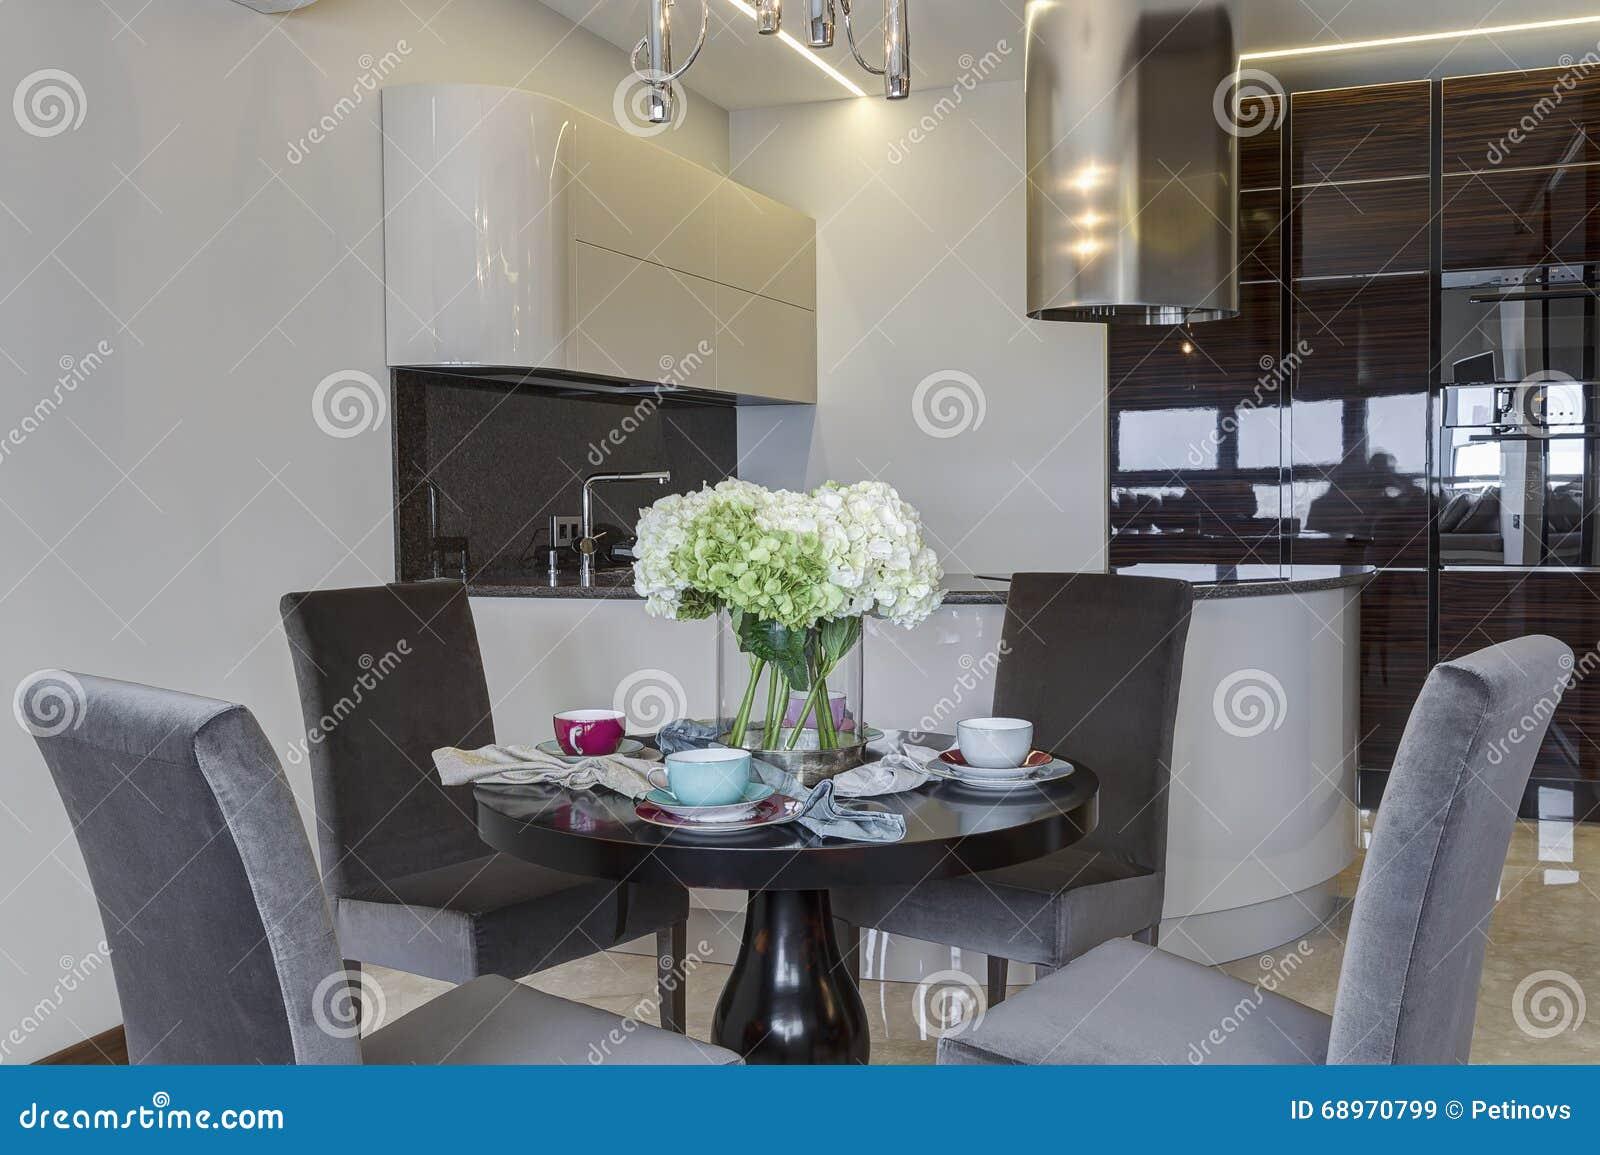 Cocina Moderna Con La Mesa Redonda Y Cuatro Sillas Imagen de ...